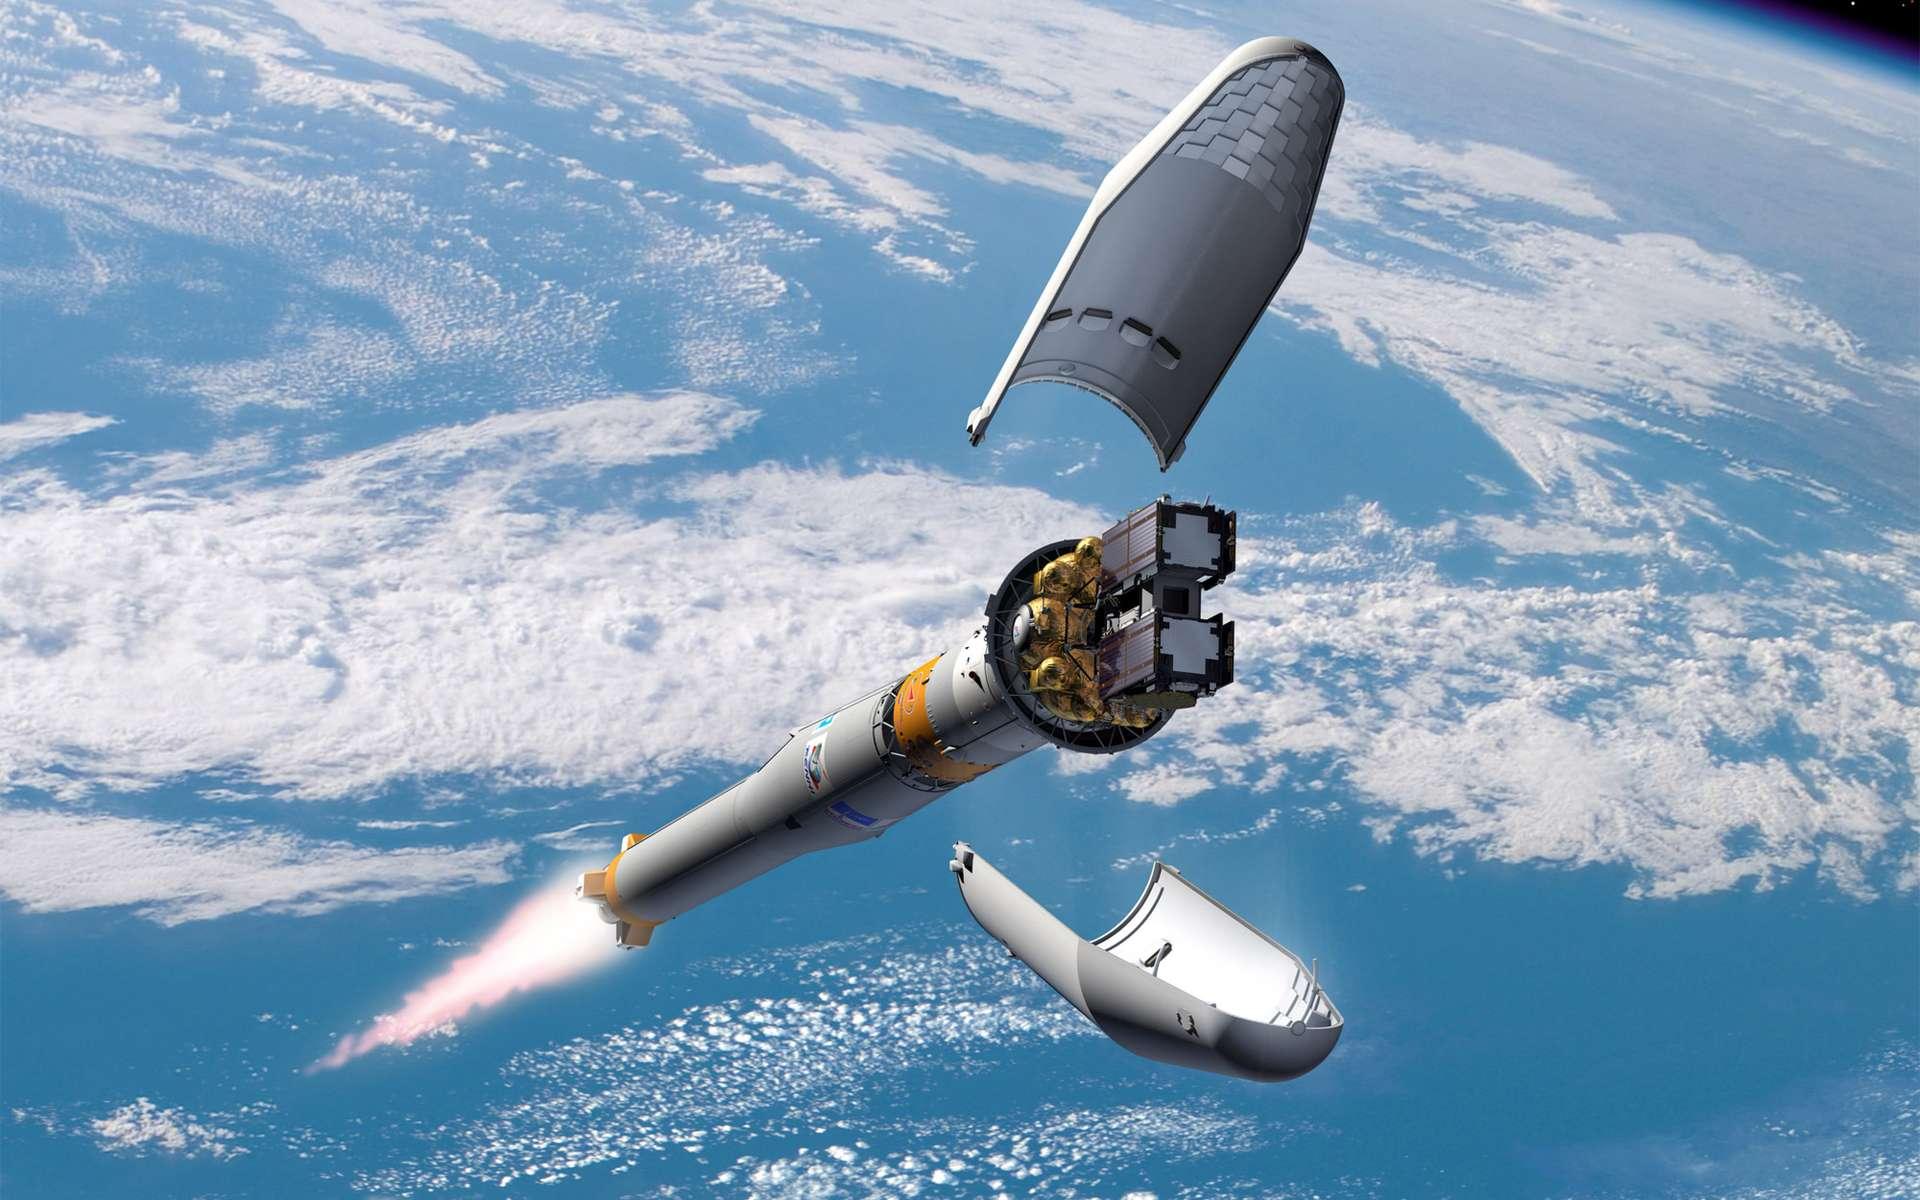 Étape par étape, le futur système européen de localisation par satellites (Galileo) conçu pour concurrencer le GPS américain prend forme. © Esa/P. Carril